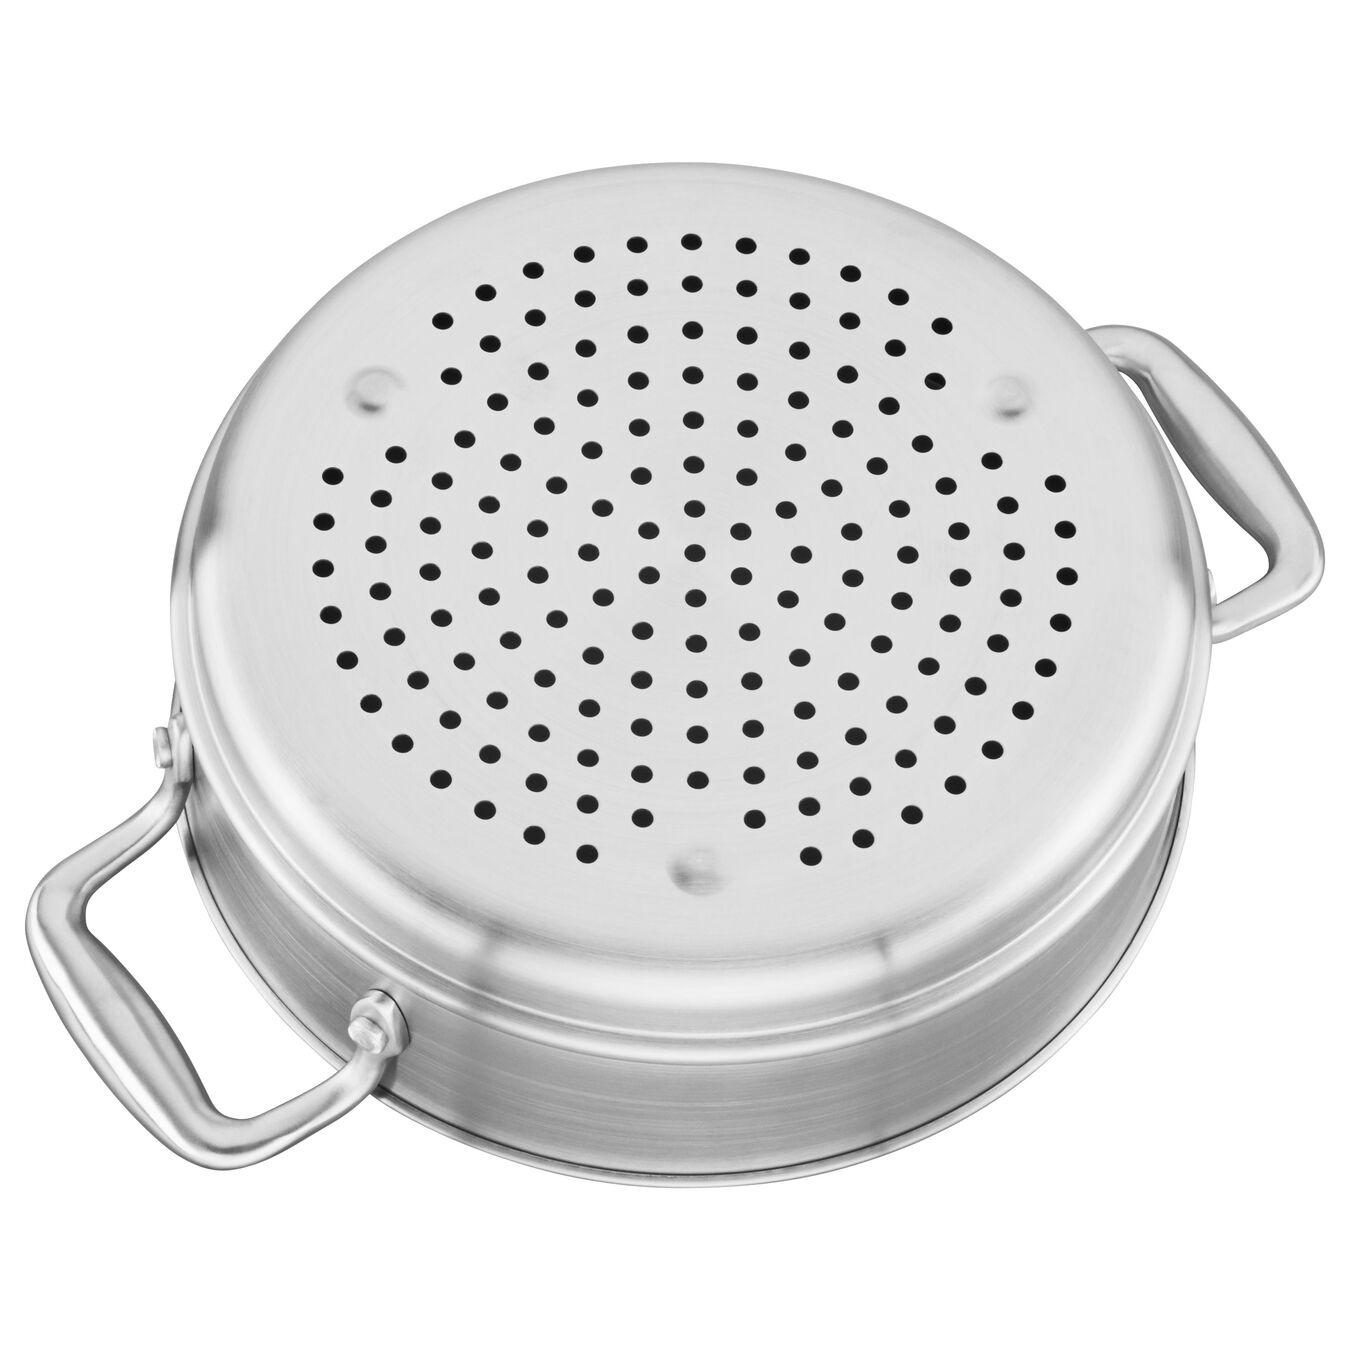 12-pc, Pots and pans set,,large 8